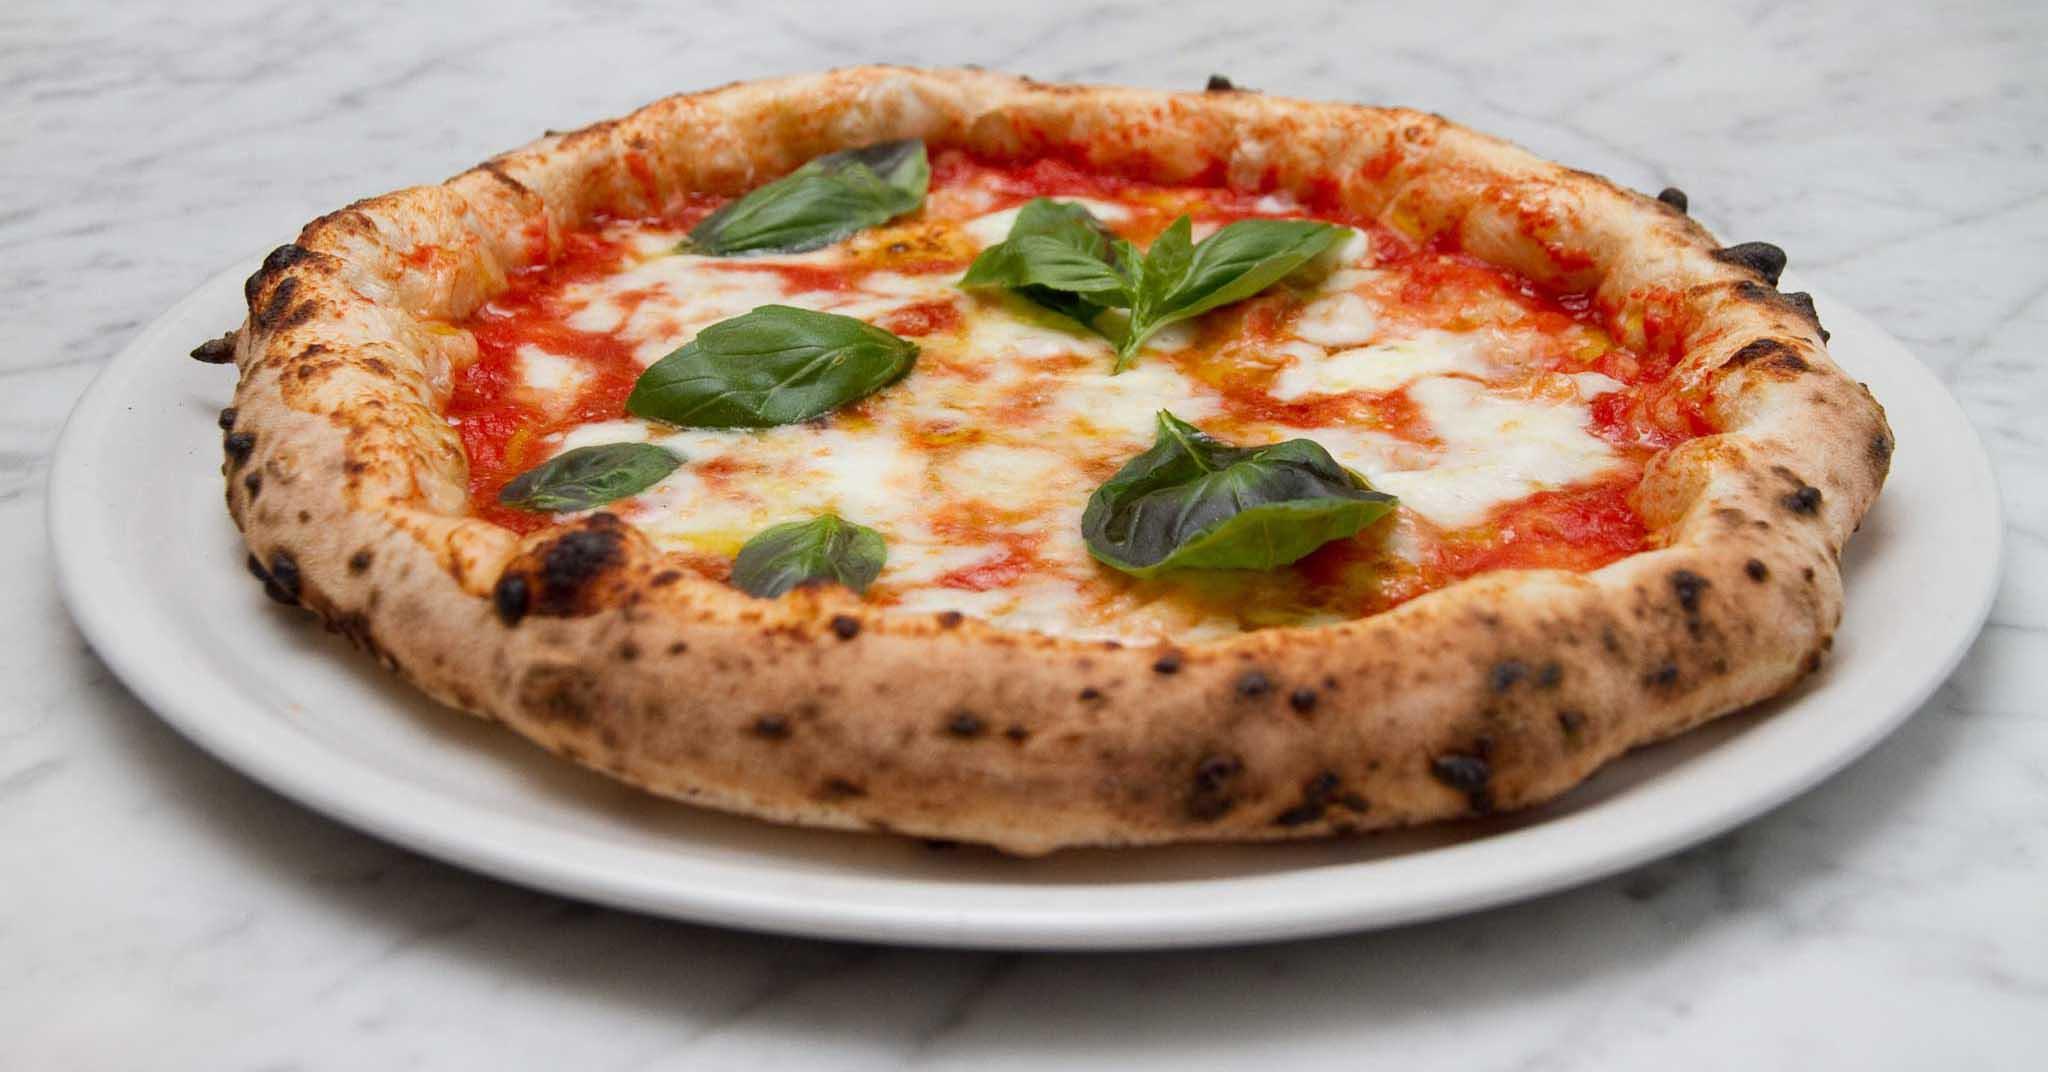 mangiare la pizza a Napoli - neomag.